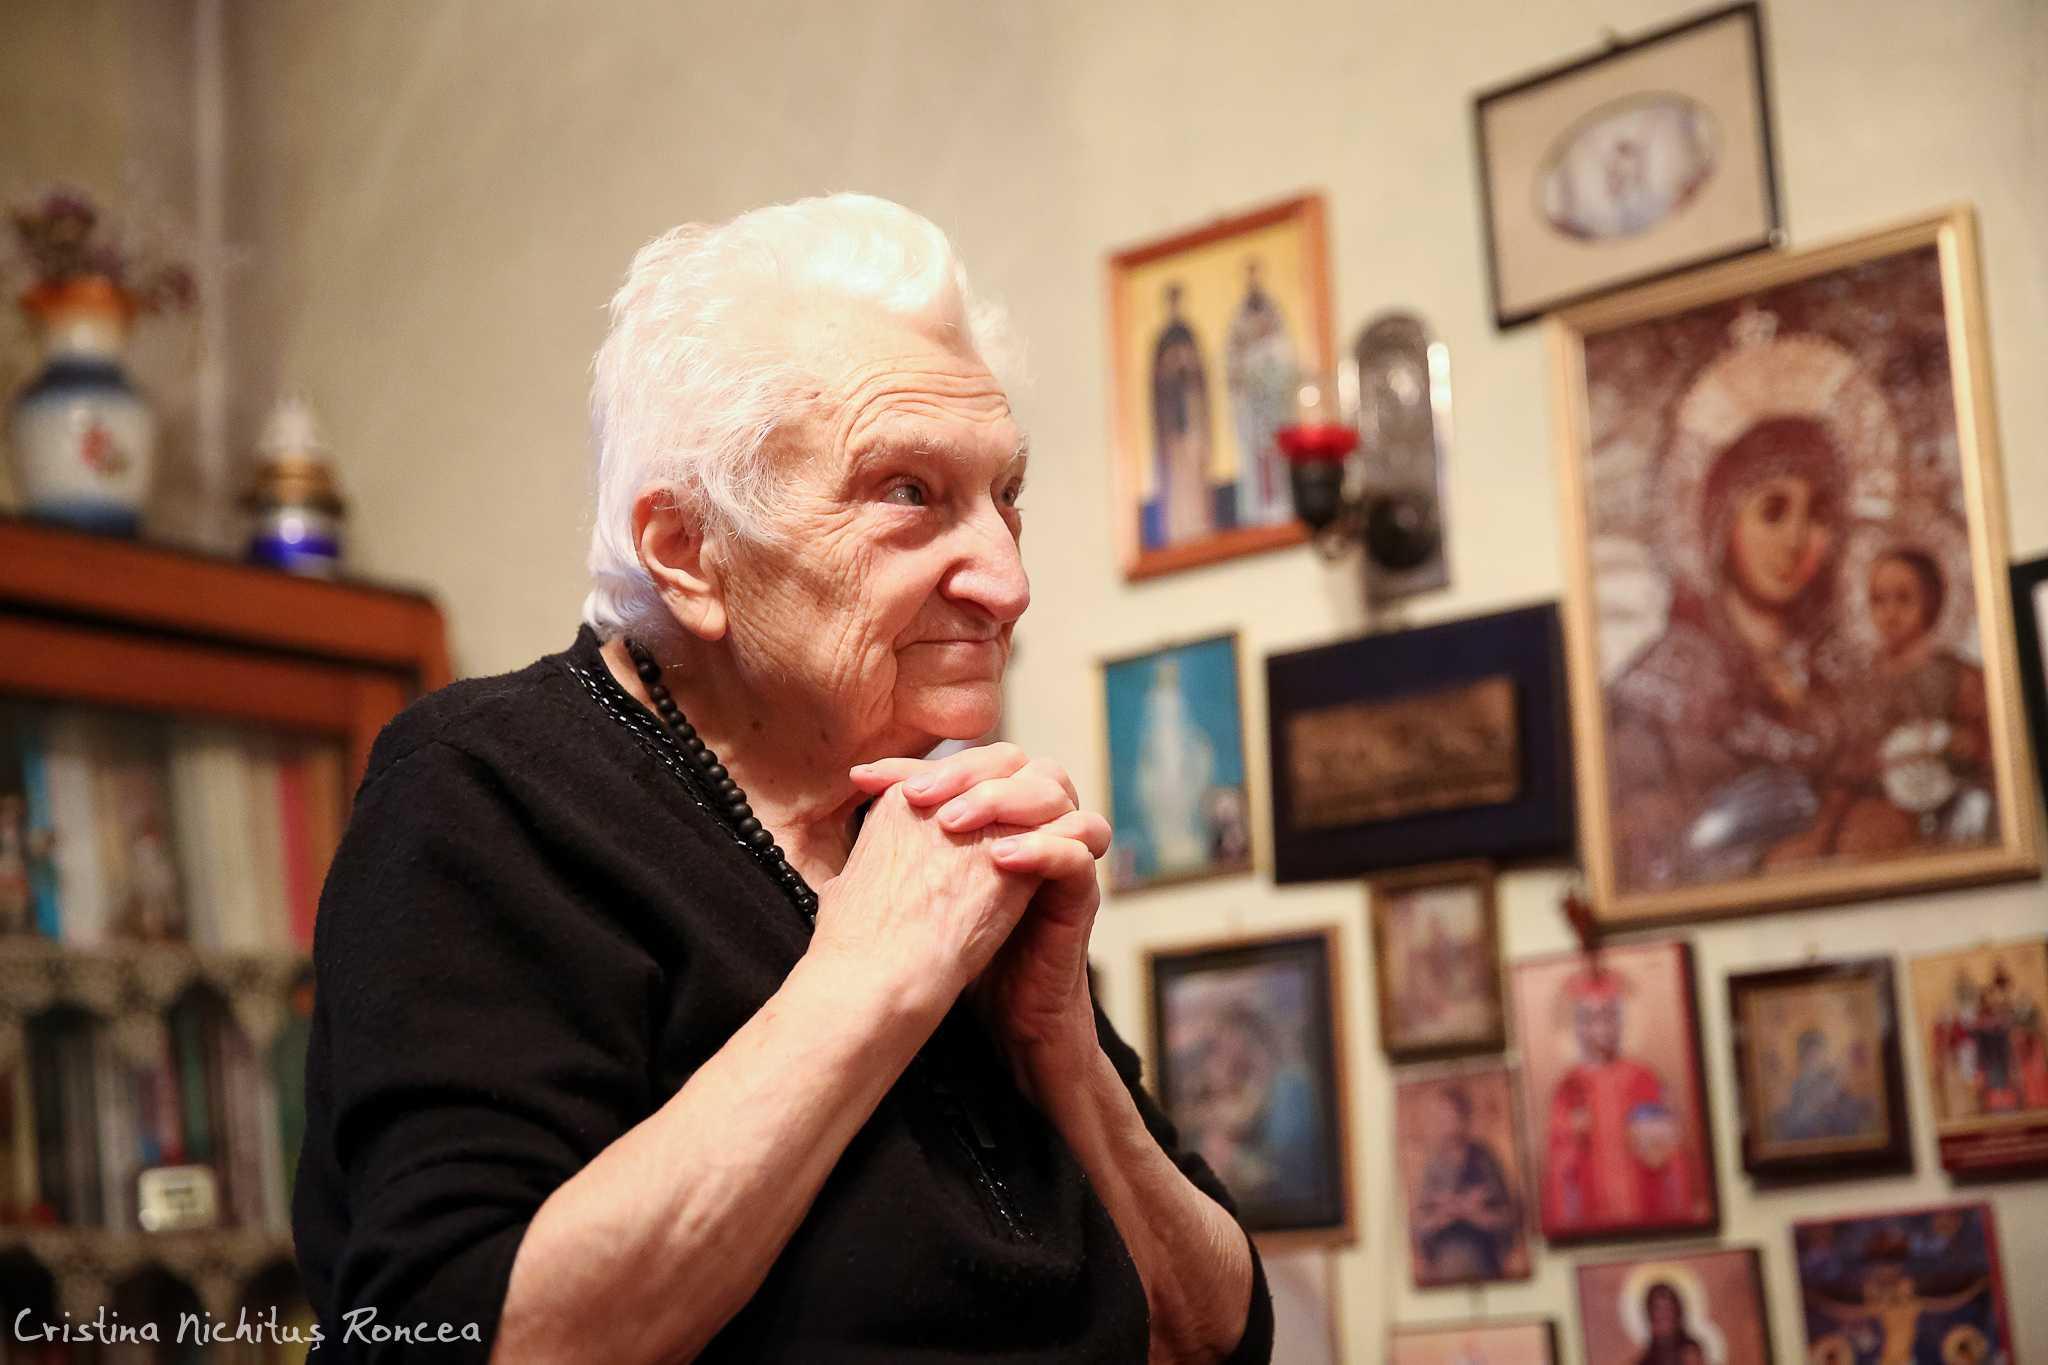 """<i>""""Domnul știe ce face""""</i> – PUTEREA SALVATOARE A NE-CÂRTIRII și PERICOLELE DUPLICITĂȚII. Învățăminte duhovnicești de mare preț din interviurile doamnei ASPAZIA OȚEL-PETRESCU, mărturisitoarea și pătimitoarea pentru Hristos: <i>""""România de astăzi este total debusolată, iar noi, ca popor, am decăzut, am devenit masă de manipulare. Bolşevismul n‑a pierit, ci a îmbrăcat o altă formă""""</i>"""